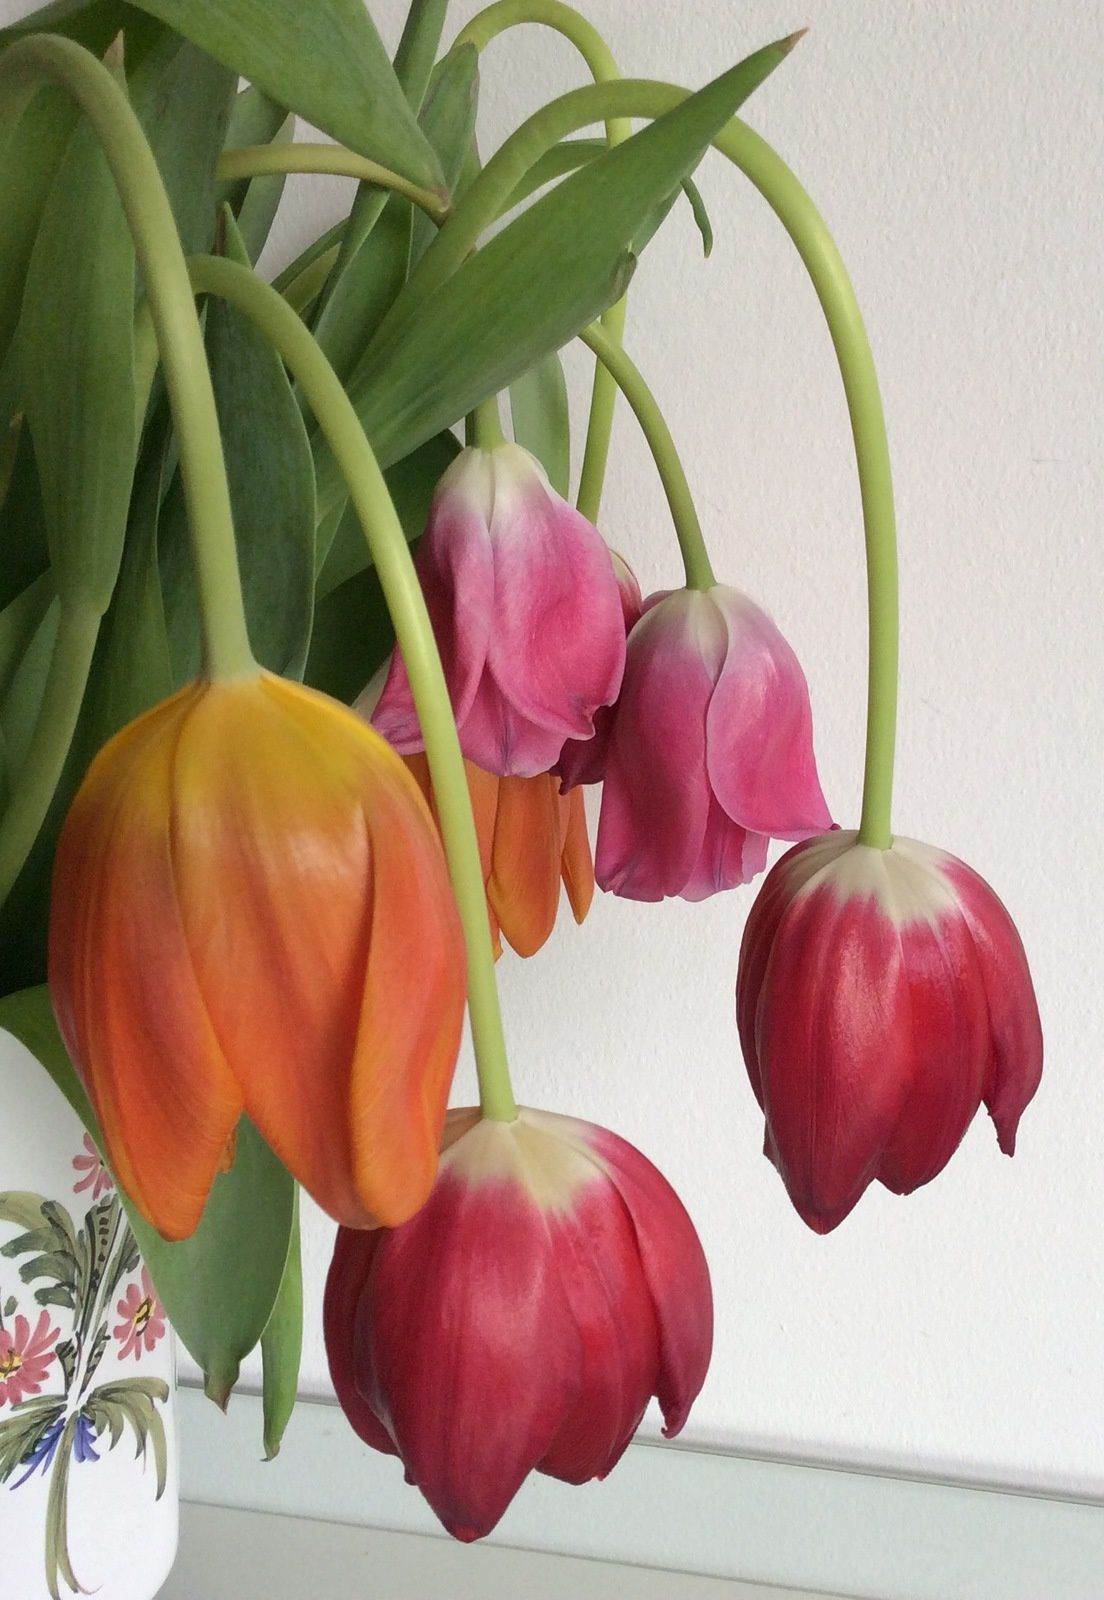 Des fleurs modernes qui ont bien pris leurs pilules de pesticides, au bout de 48h.